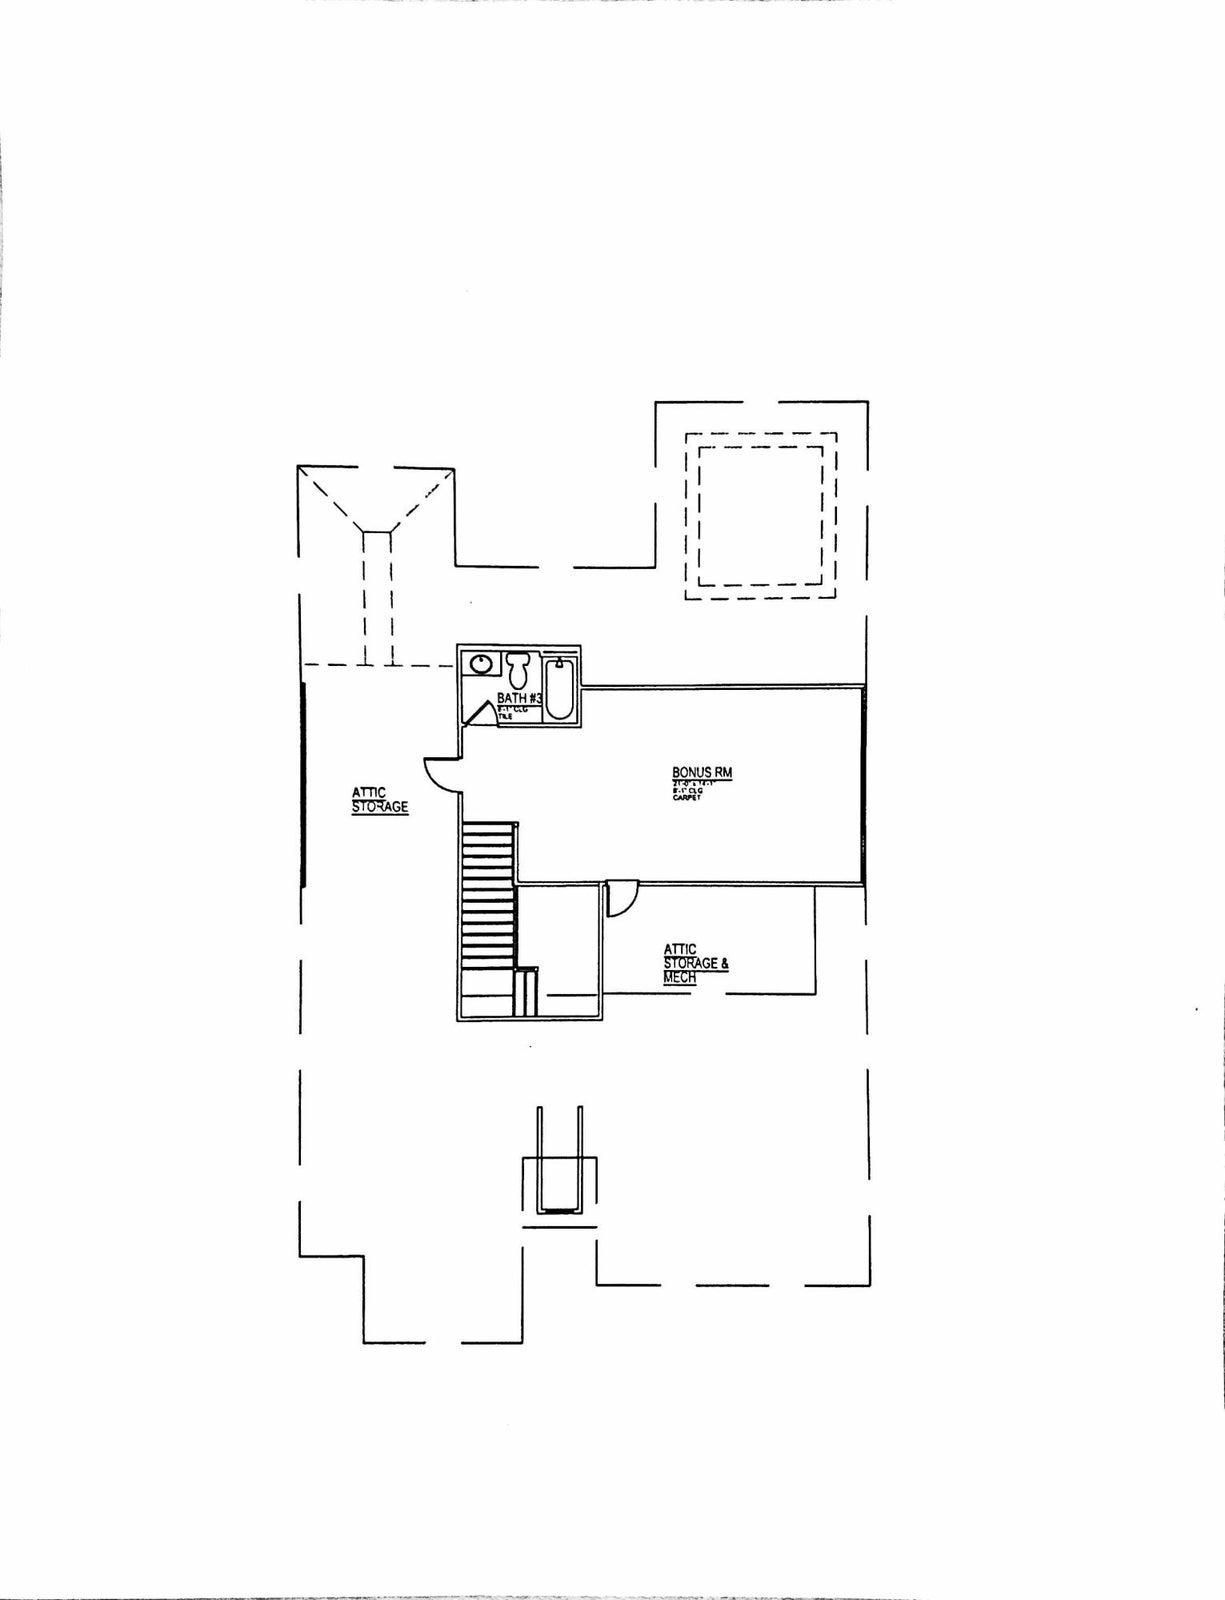 Barberry 2nd floor - Jan 27 2020 - 3-31